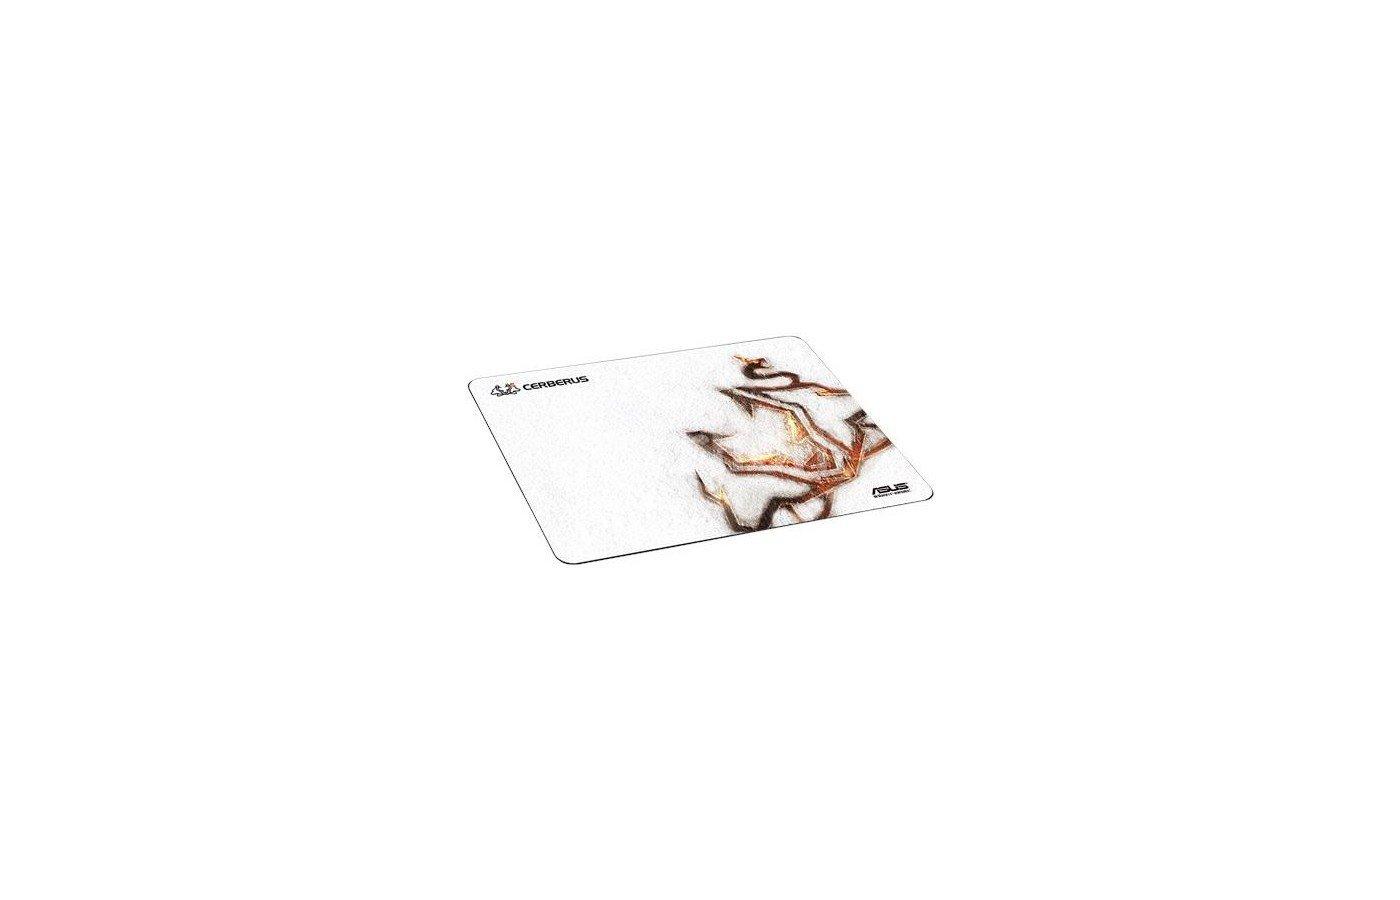 Коврик для мыши Asus Cerberus белый/рисунок